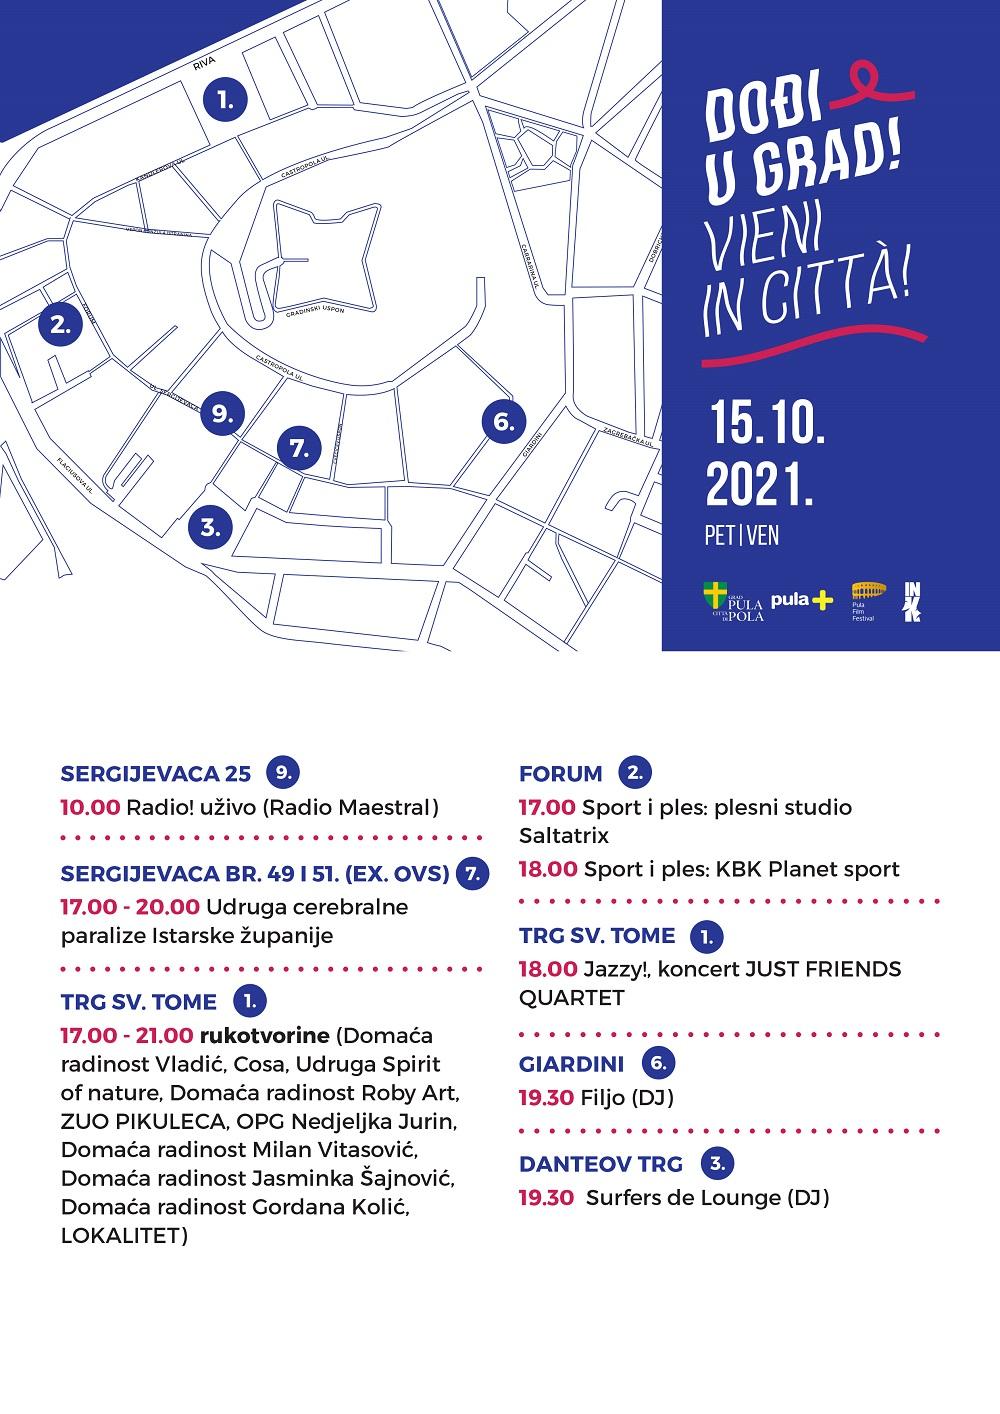 Program petak 15.10. - Dođi u grad